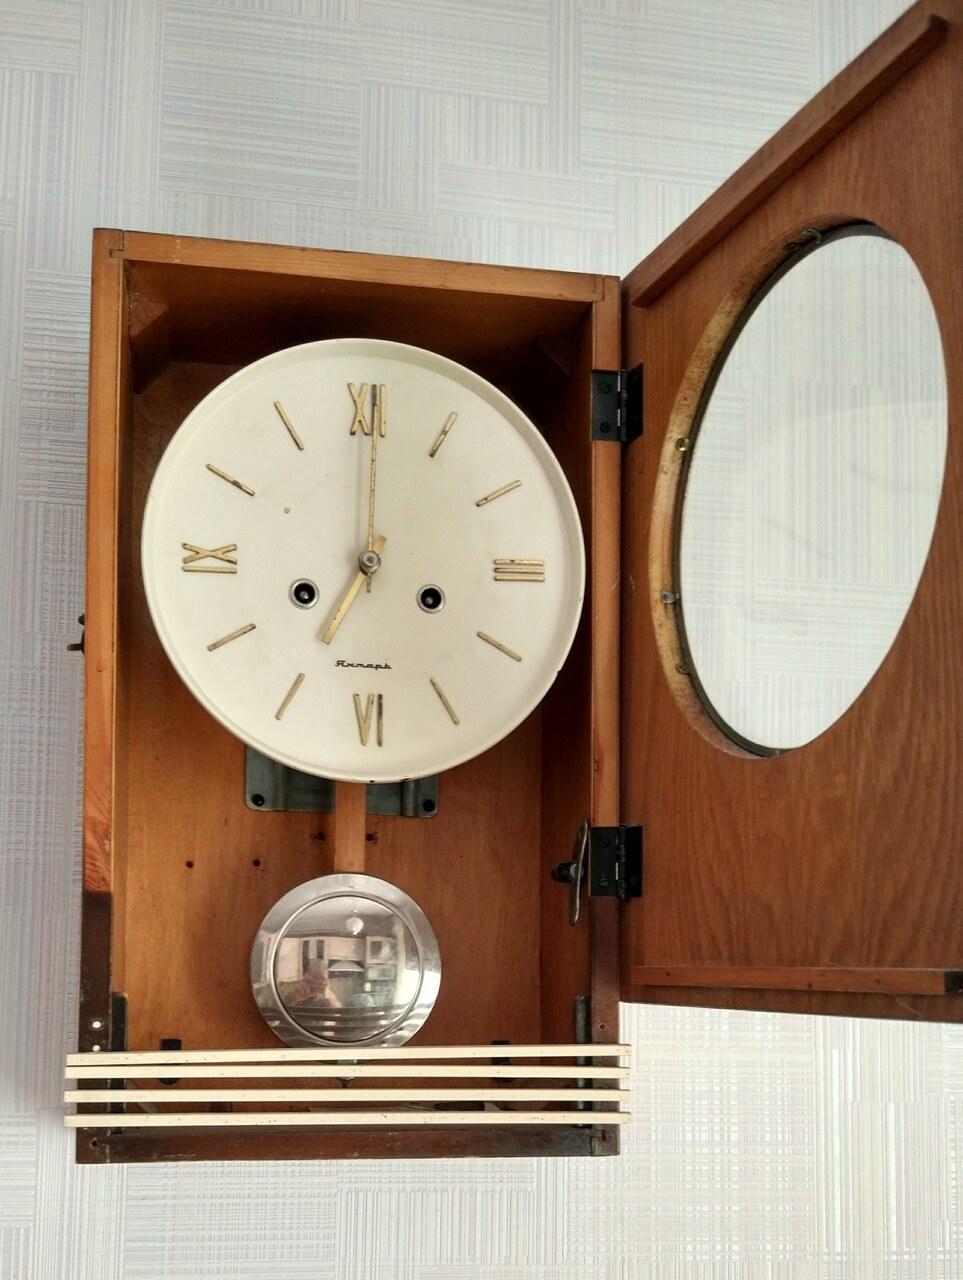 Настенные часы из металла howard miller код: маятниковые настенные антикварные часы, купить которые сегодня не составляет особого труда, имеют различные конструкции и размеры.